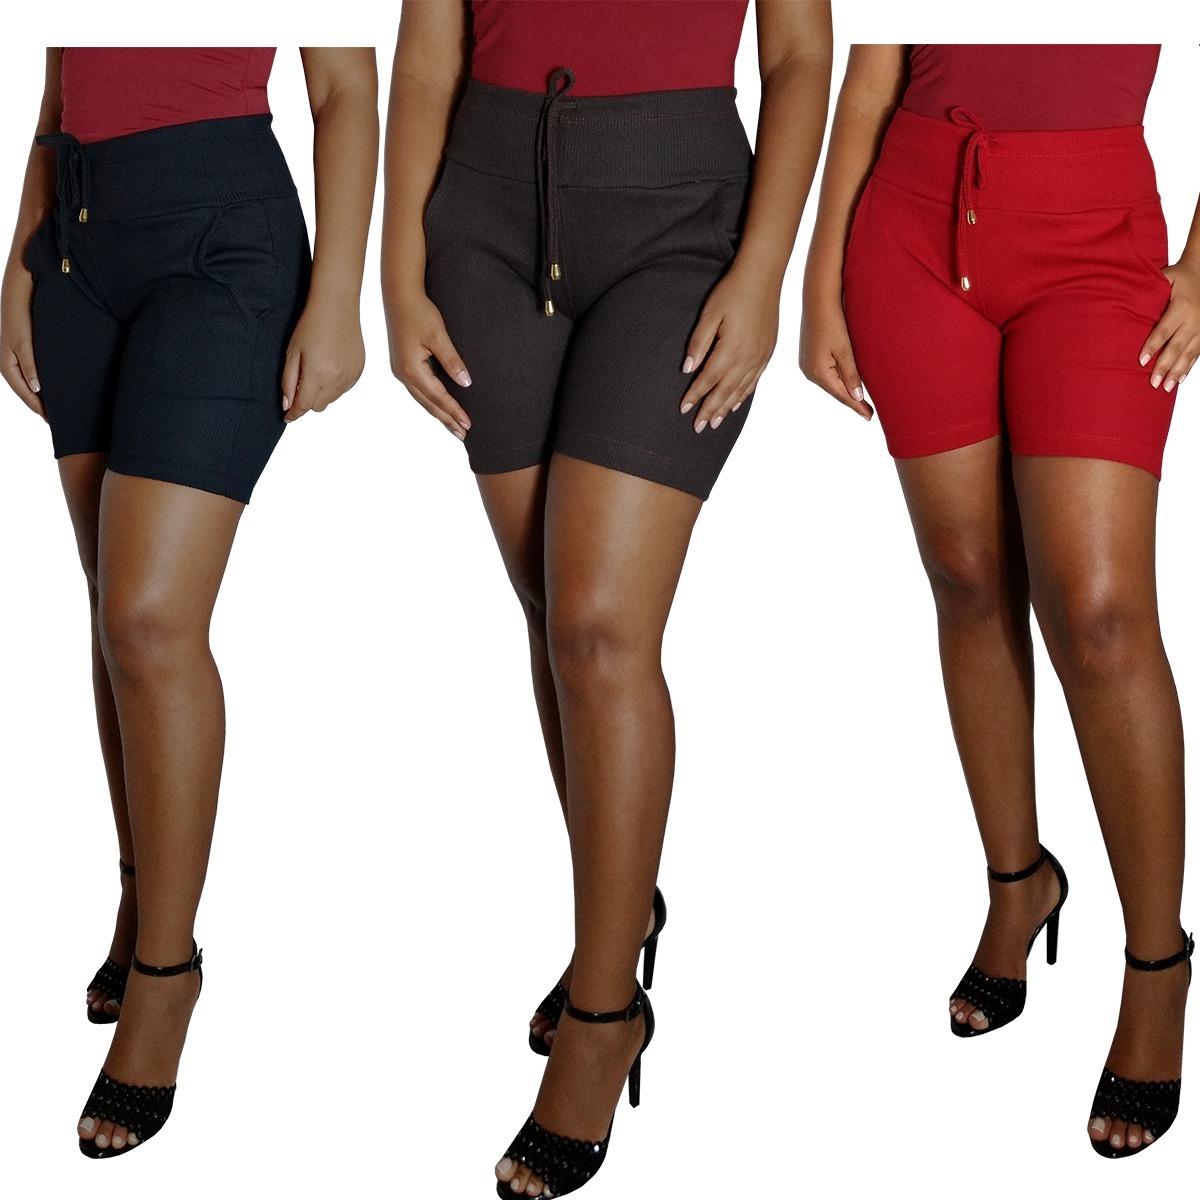 6a1b1aae7 http2.mlstatic.com/kit-6-short-feminino-ribana-ber...